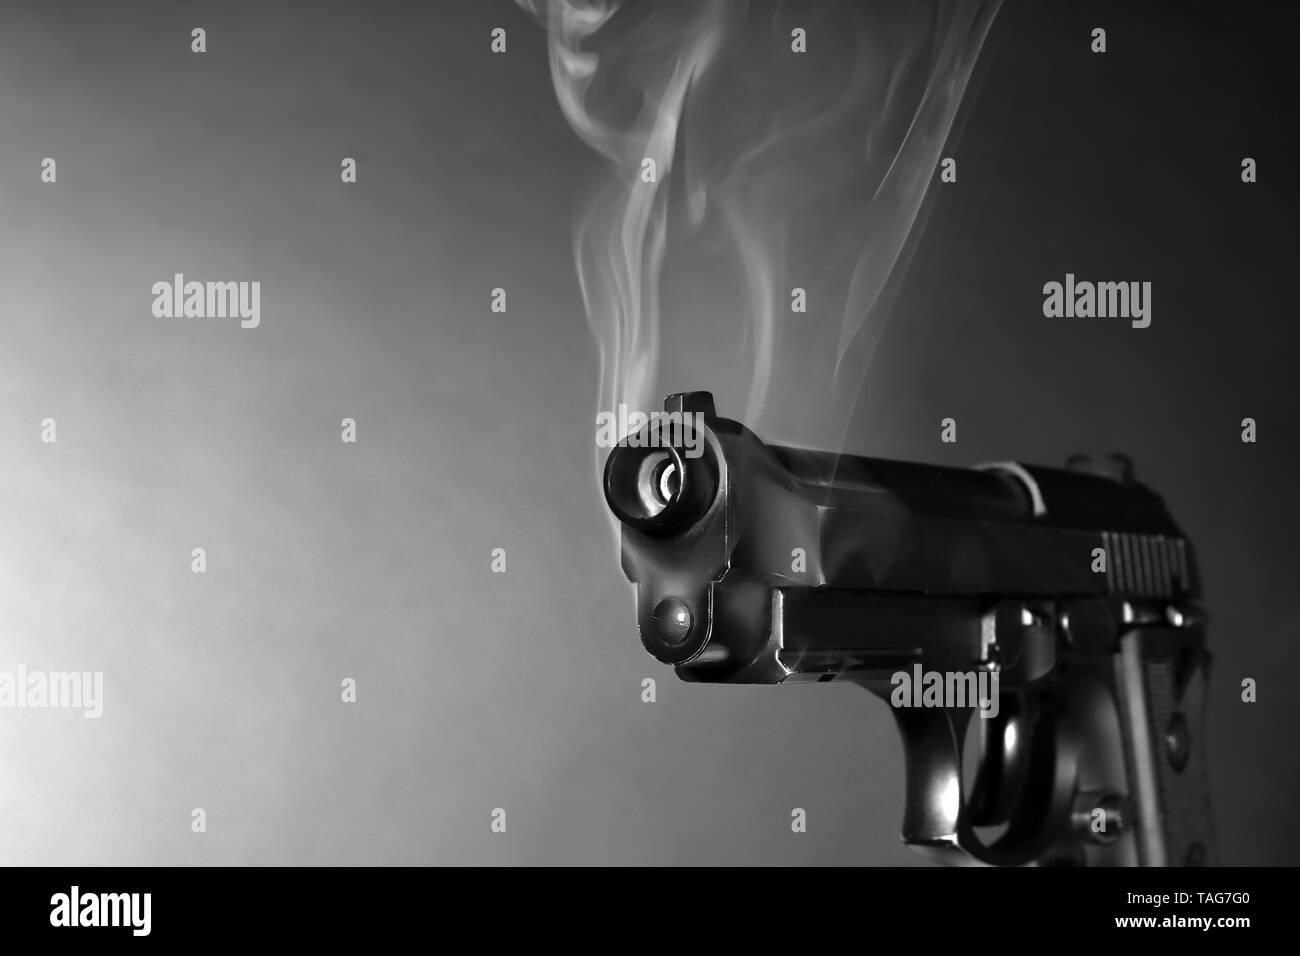 Smoking gun on dark background - Stock Image